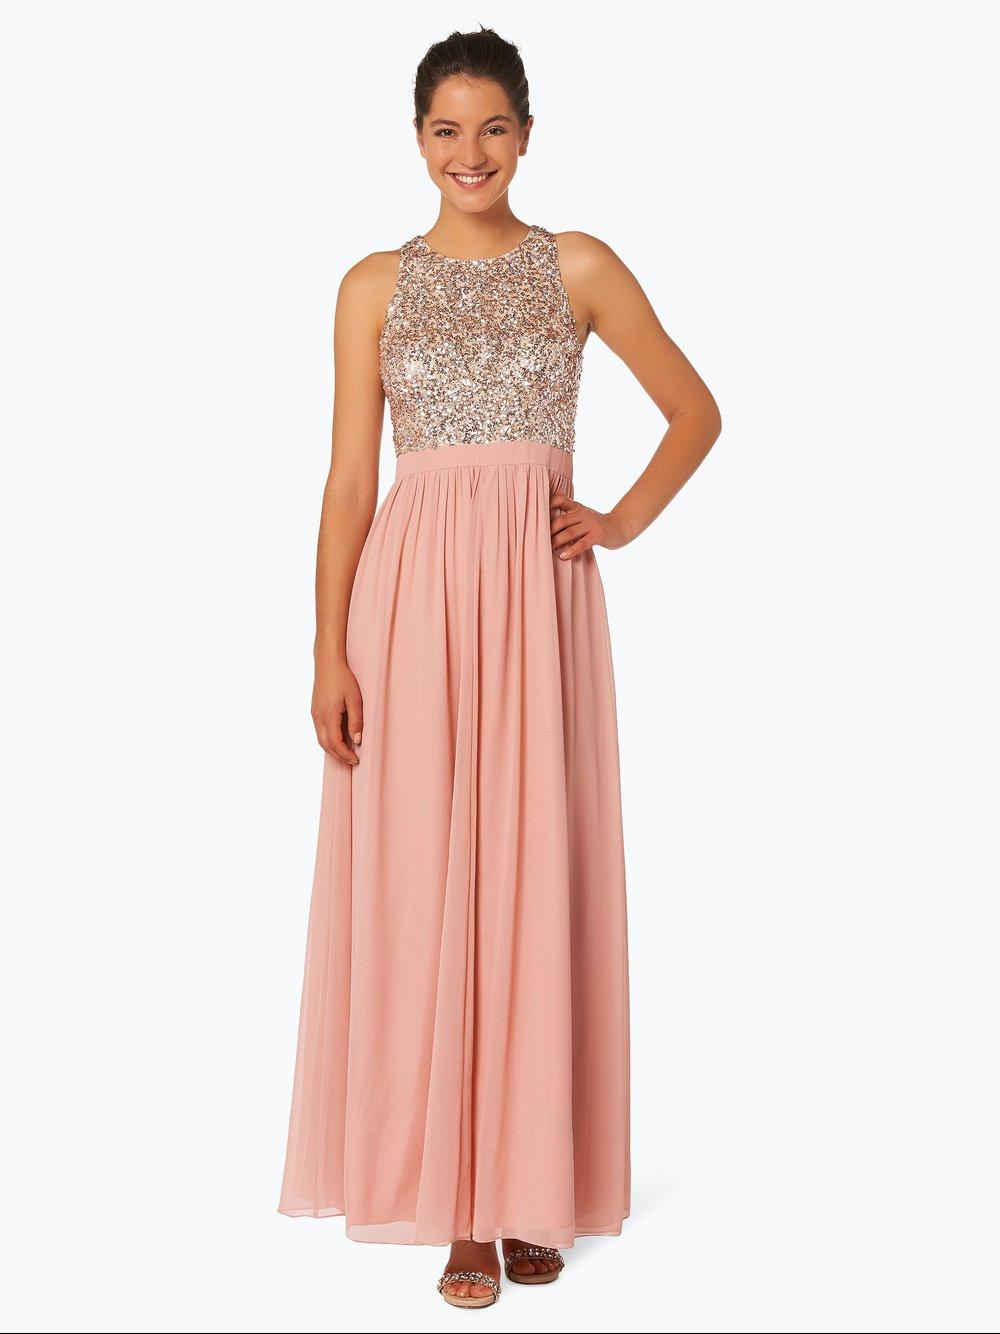 Designer Großartig P&C Abend Kleid DesignAbend Coolste P&C Abend Kleid Spezialgebiet